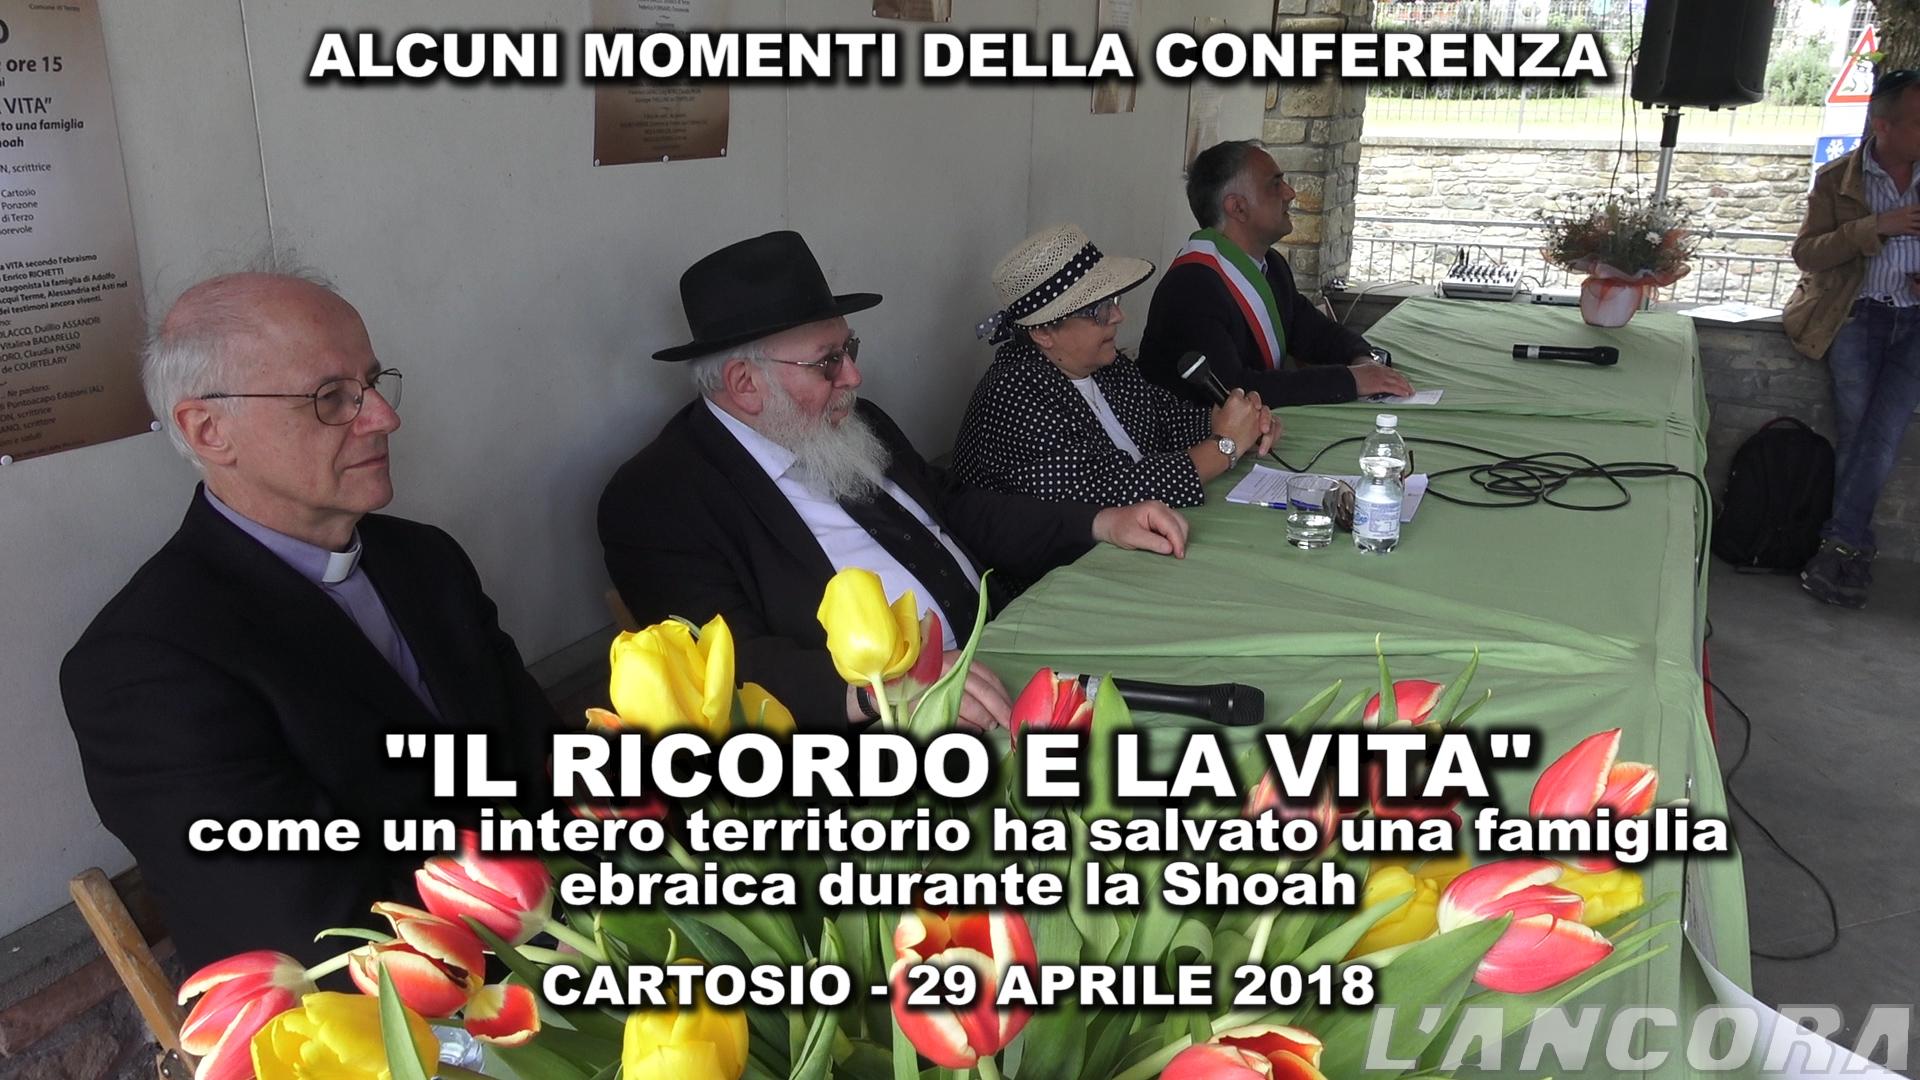 cartosio_conferenza